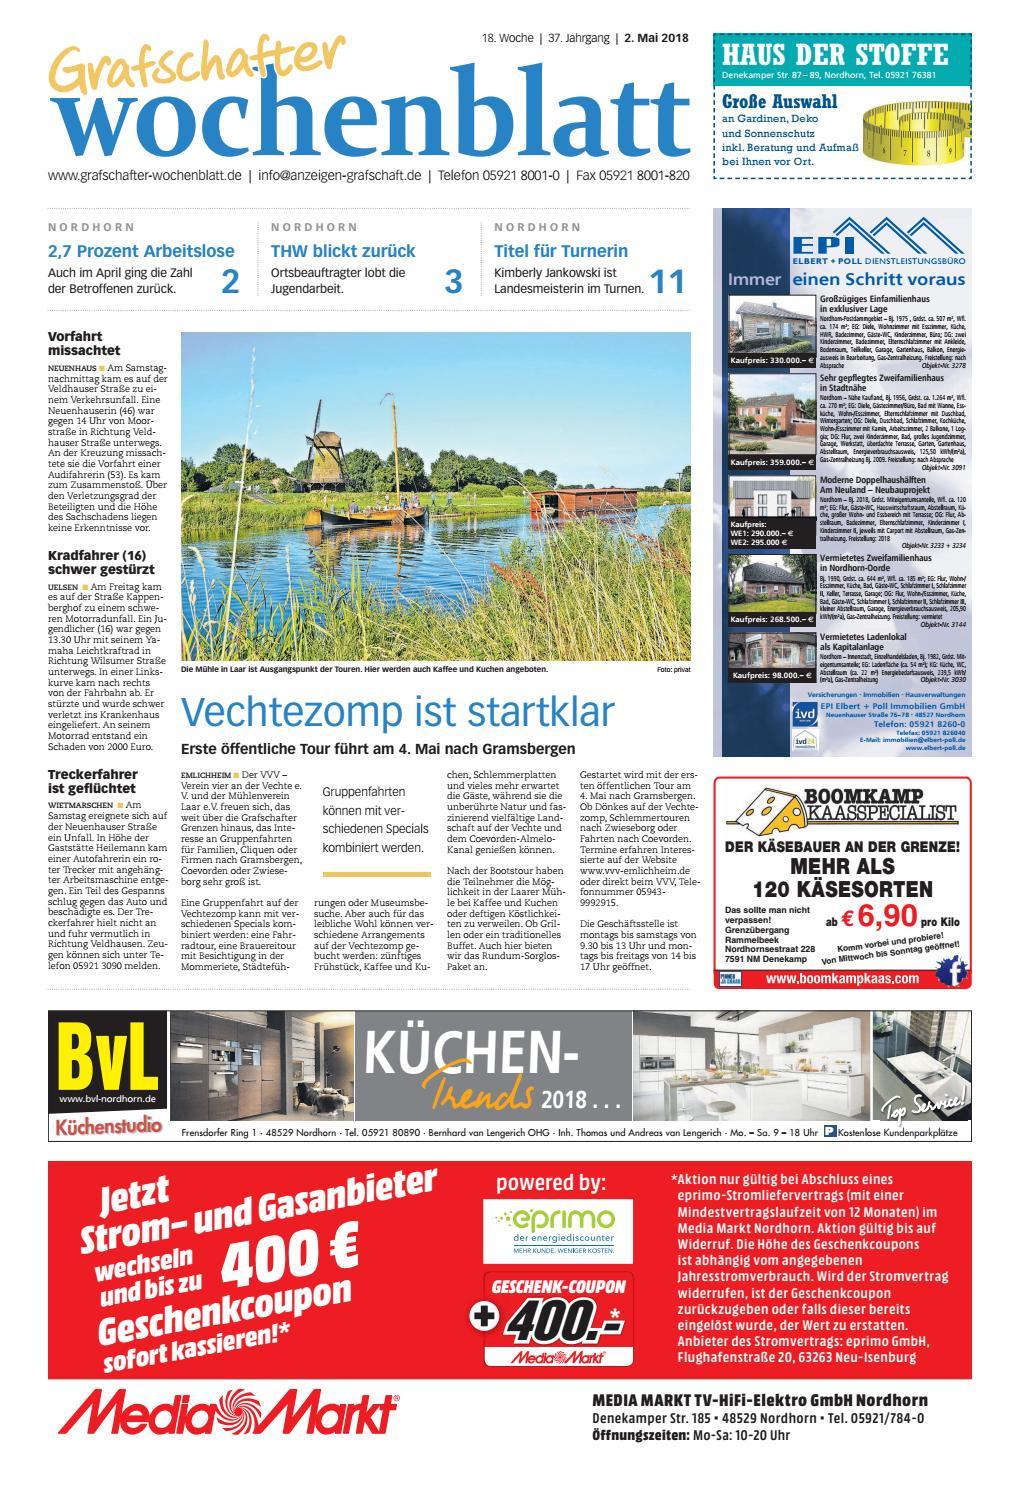 Offizielle Website Werbebanner Inkl Gestaltung bbd-03 Mit Dachdecker Einfach Zu Reparieren Dach Firma Dach Klempner